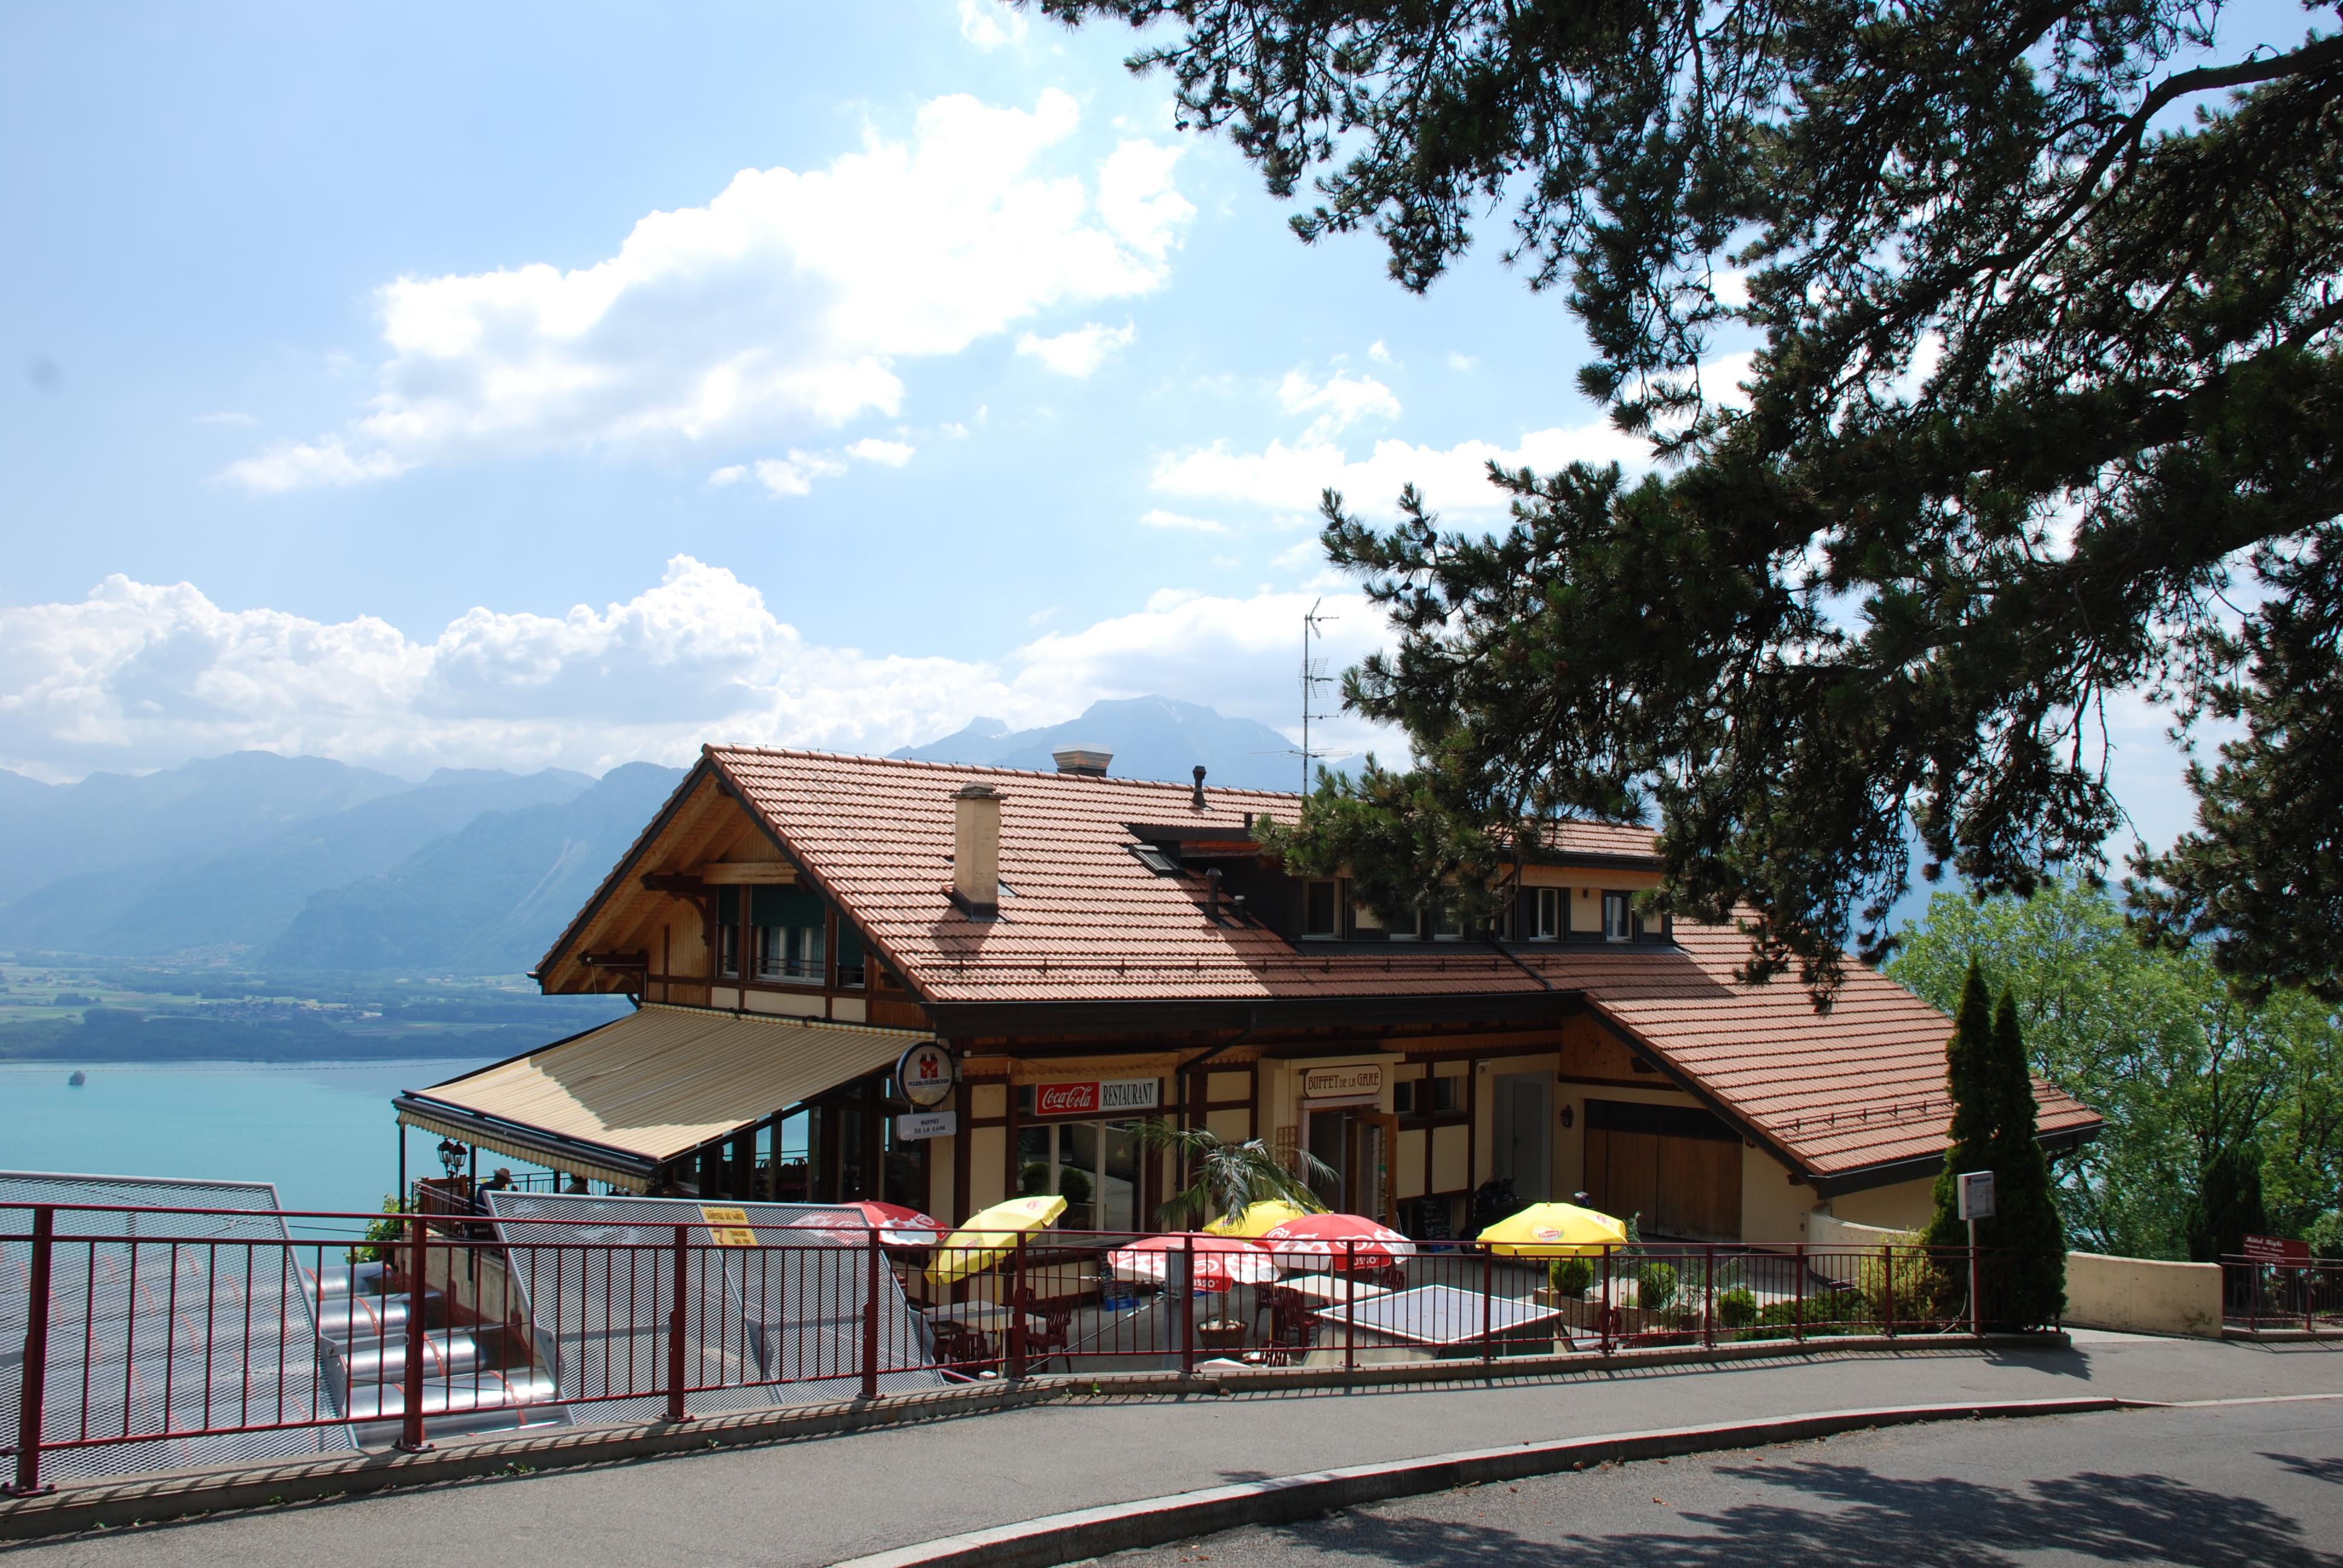 Ferienwohnung view riviera in montreux schweiz for Ferien am see